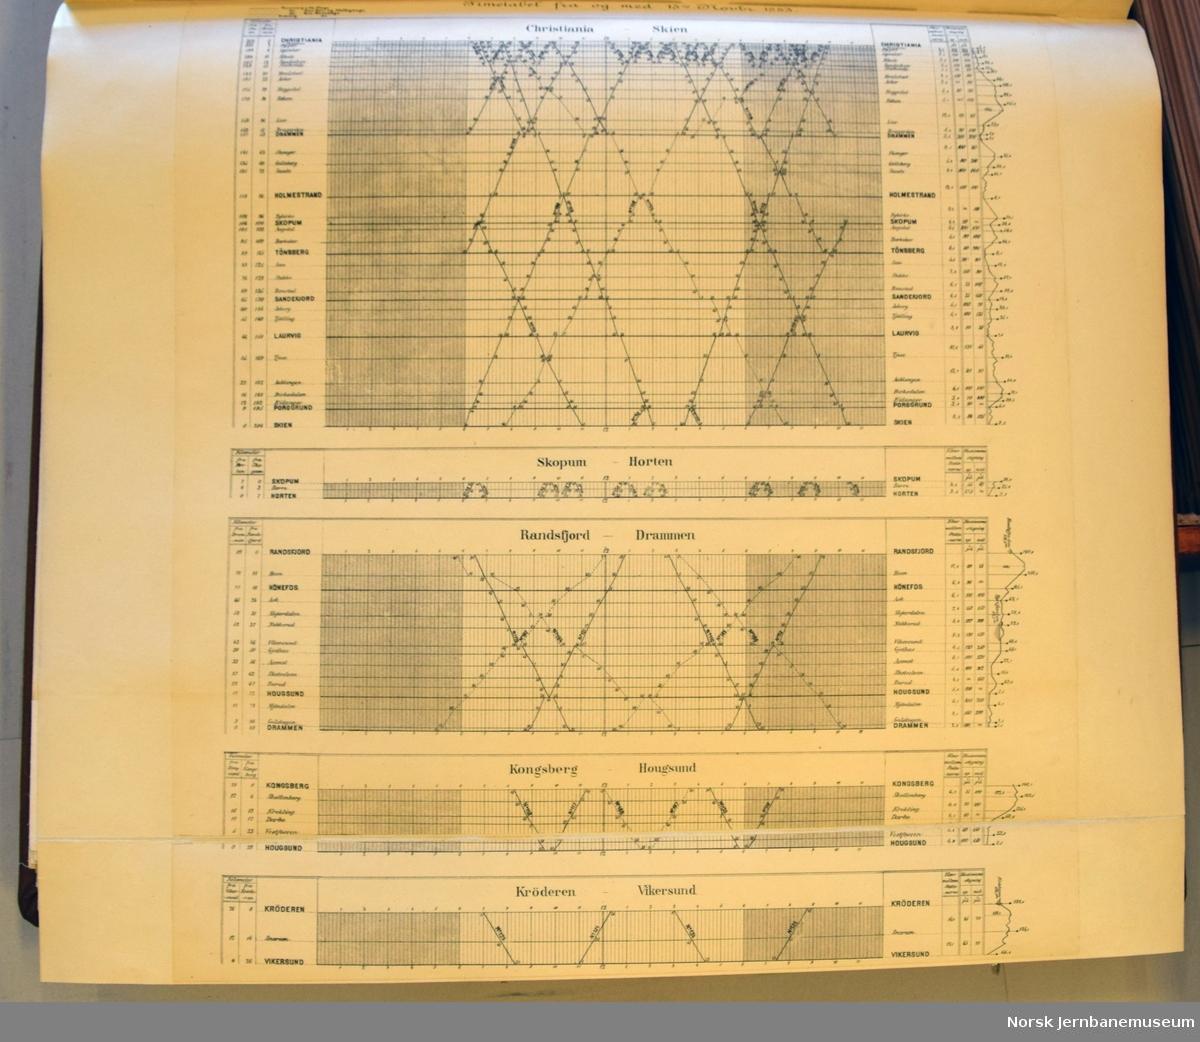 """Koffekt med to store album utarbeidet av Billett- og formularforvalter M. Mørdre samt en mappe med historikk:  """"Tryksaker - gamle takster og togtabeller samt håndskrevne reglementer m.v."""", 26 bilag innlimt. Se foto av innholdsfortegnelse. Bilag 12-15 er tatt ut og påført at de er lagt i håndskriftsamlingen.  """"Jernbanens grafiske togtabeller"""". Seksjon 1 Hovedbanen 1874, 1877, 1882, 1885, 1891, 1900, 1910, 1919, 1930. Seksjon 2 Kongsvingerbanen 1874, 1877. Smaalensbanen 1879. Baner ut fra Kristiania 1884, 1890, 1900, 1910, 1920, 1930. Seksjon 3 Storlien-Christiania 1883, Trondhjem-Christiania 1890, Trondheim-Christiania og Otta-Hamar 1900, Otta-Kristiania og Trondhjem-Hamar 1910, Dombås-Kristiania og Trondhjem-Hamar 1919, Oslo-Nidaros og Dombås-Åndalsnes og Rørosbanen 1930. Seksjon 4 Storlien-Throndhjem 1890, 1900. Storlien-Trondhjem og Sunnan-Trondhjem 1910, 1920 og Storlien-Nidaros og Sunnan-Nidaros 1930. Seksjon 5 Ofotbanen 1903, 1910, 1920 og 1930. Seksjon 6 Gjøvikbanen 1901, 1910, 1919 og 1930. Seksjon 7 Vossebanen 1884, 1890, 1900, Bergensbanen 1910, 1919 og 1930. Seksjon 8 Vestbanenettet 1883, 1890, 1900, 1910, 1919, 1930. Seksjon 9 Jærbanen 1883, 1890, 1900 og Stavanger-Flekkefjord 1920 og 1930. Seksjon 10 Setesdalsbanen 1900, 1910, 1919 og 1930. Seksjon 11 Treungen- og Grimstadbanen 1919 og 1930."""